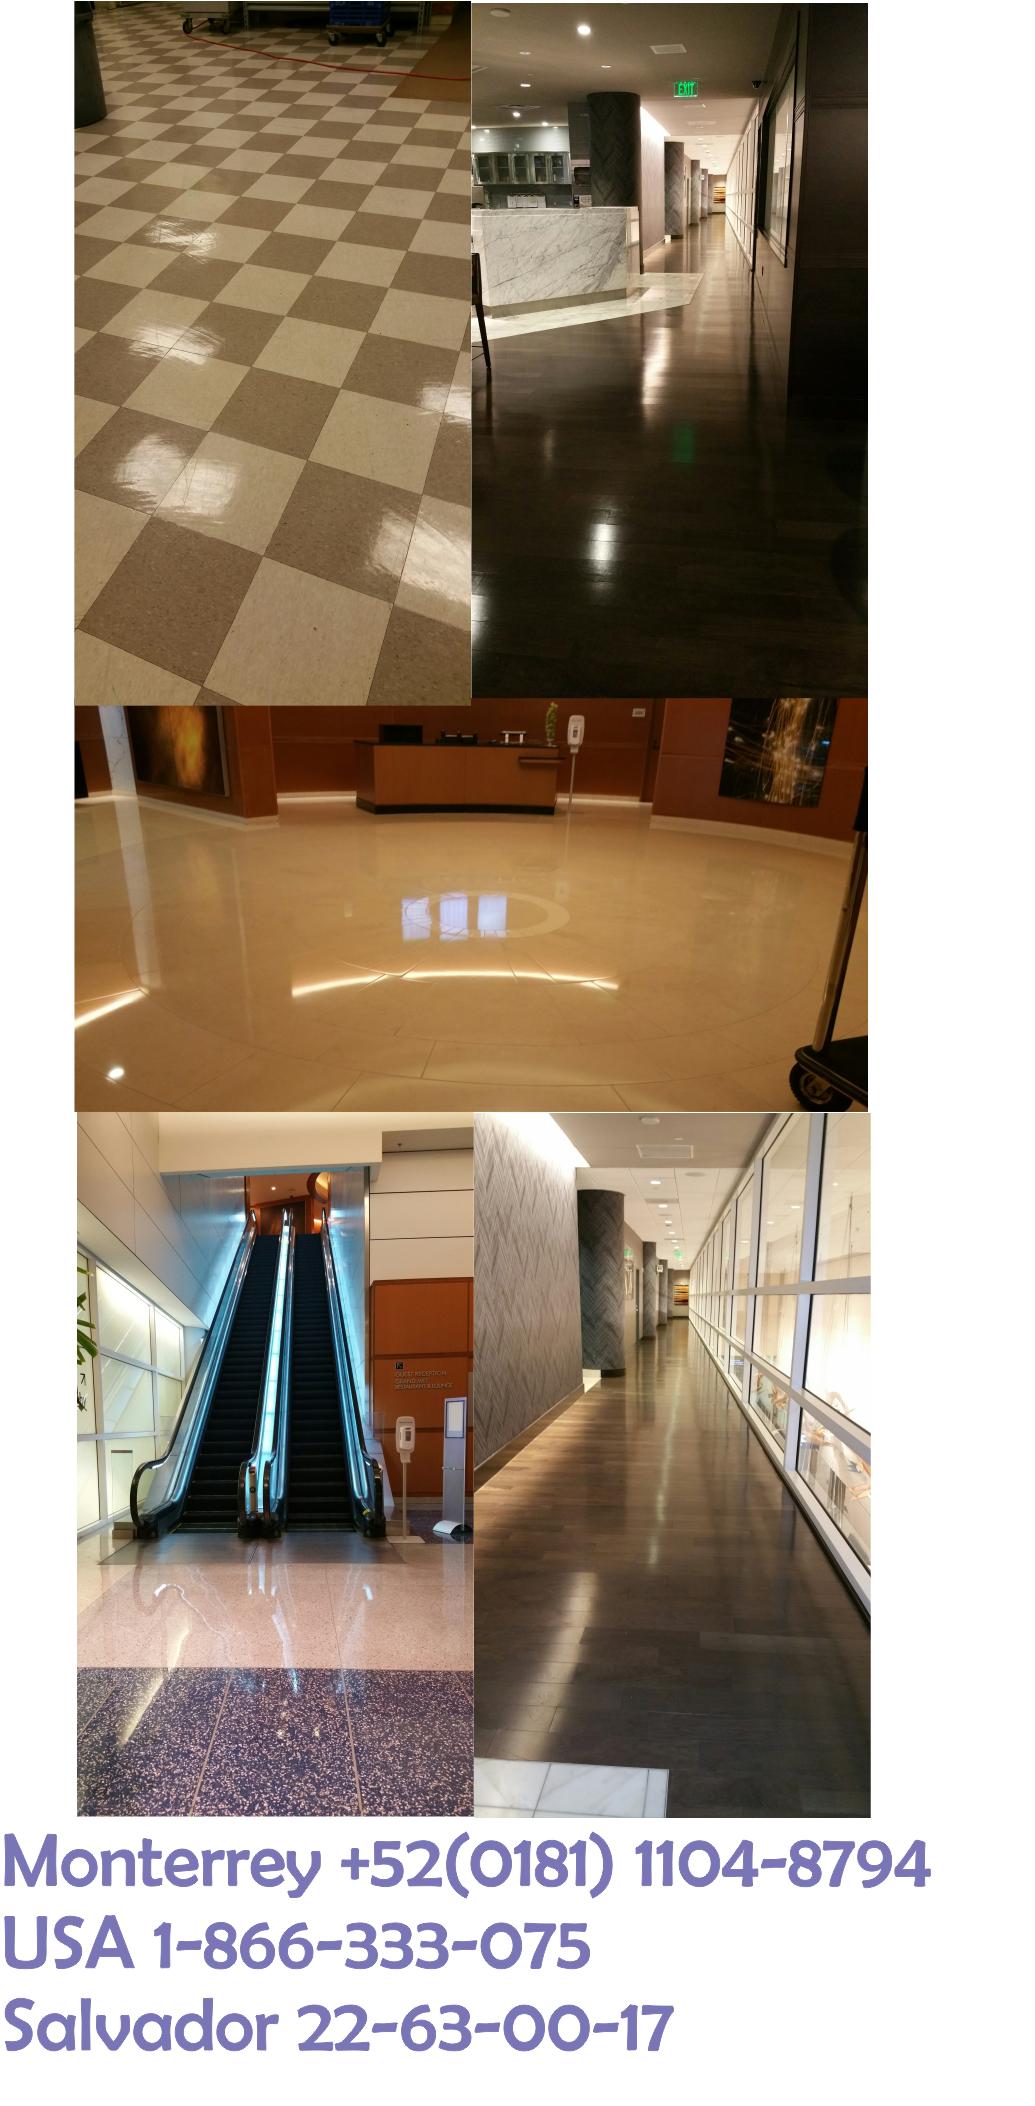 Servicios especiales cuidado y restauraci n de pisos de m rmol granito y cer micos cuidado - Restauracion de alfombras ...